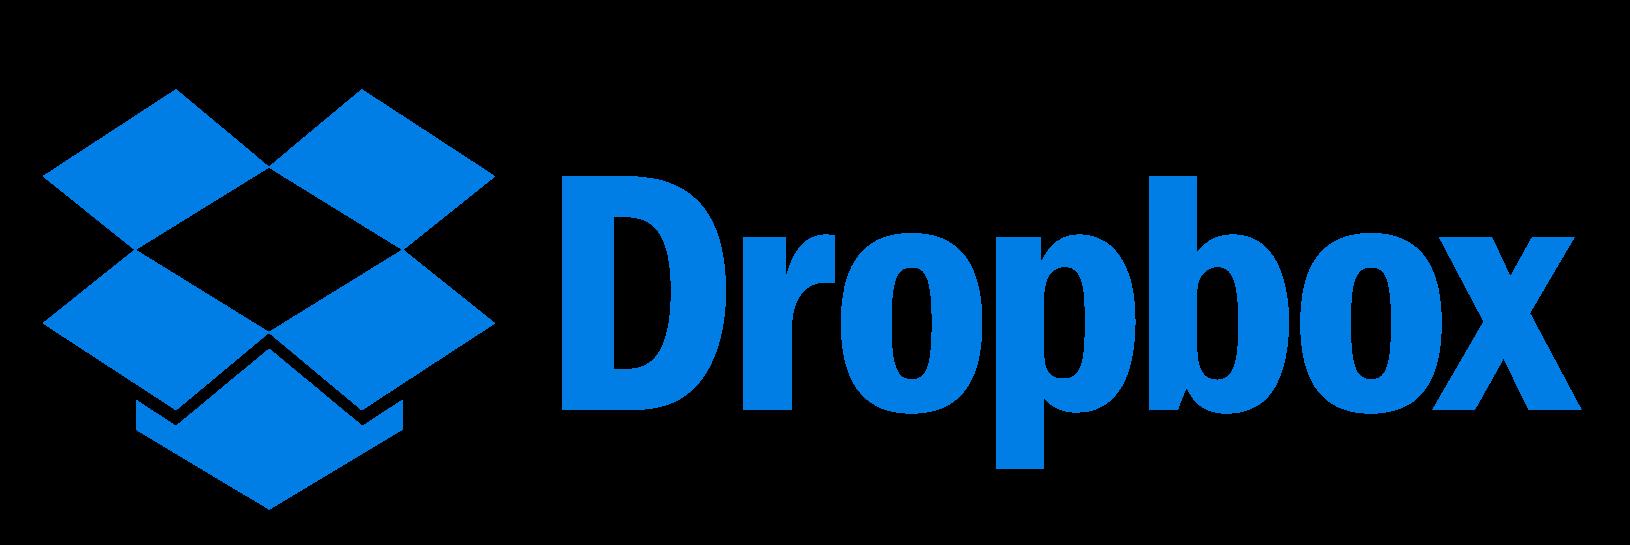 Dropbox-logo-e1453396607206.png